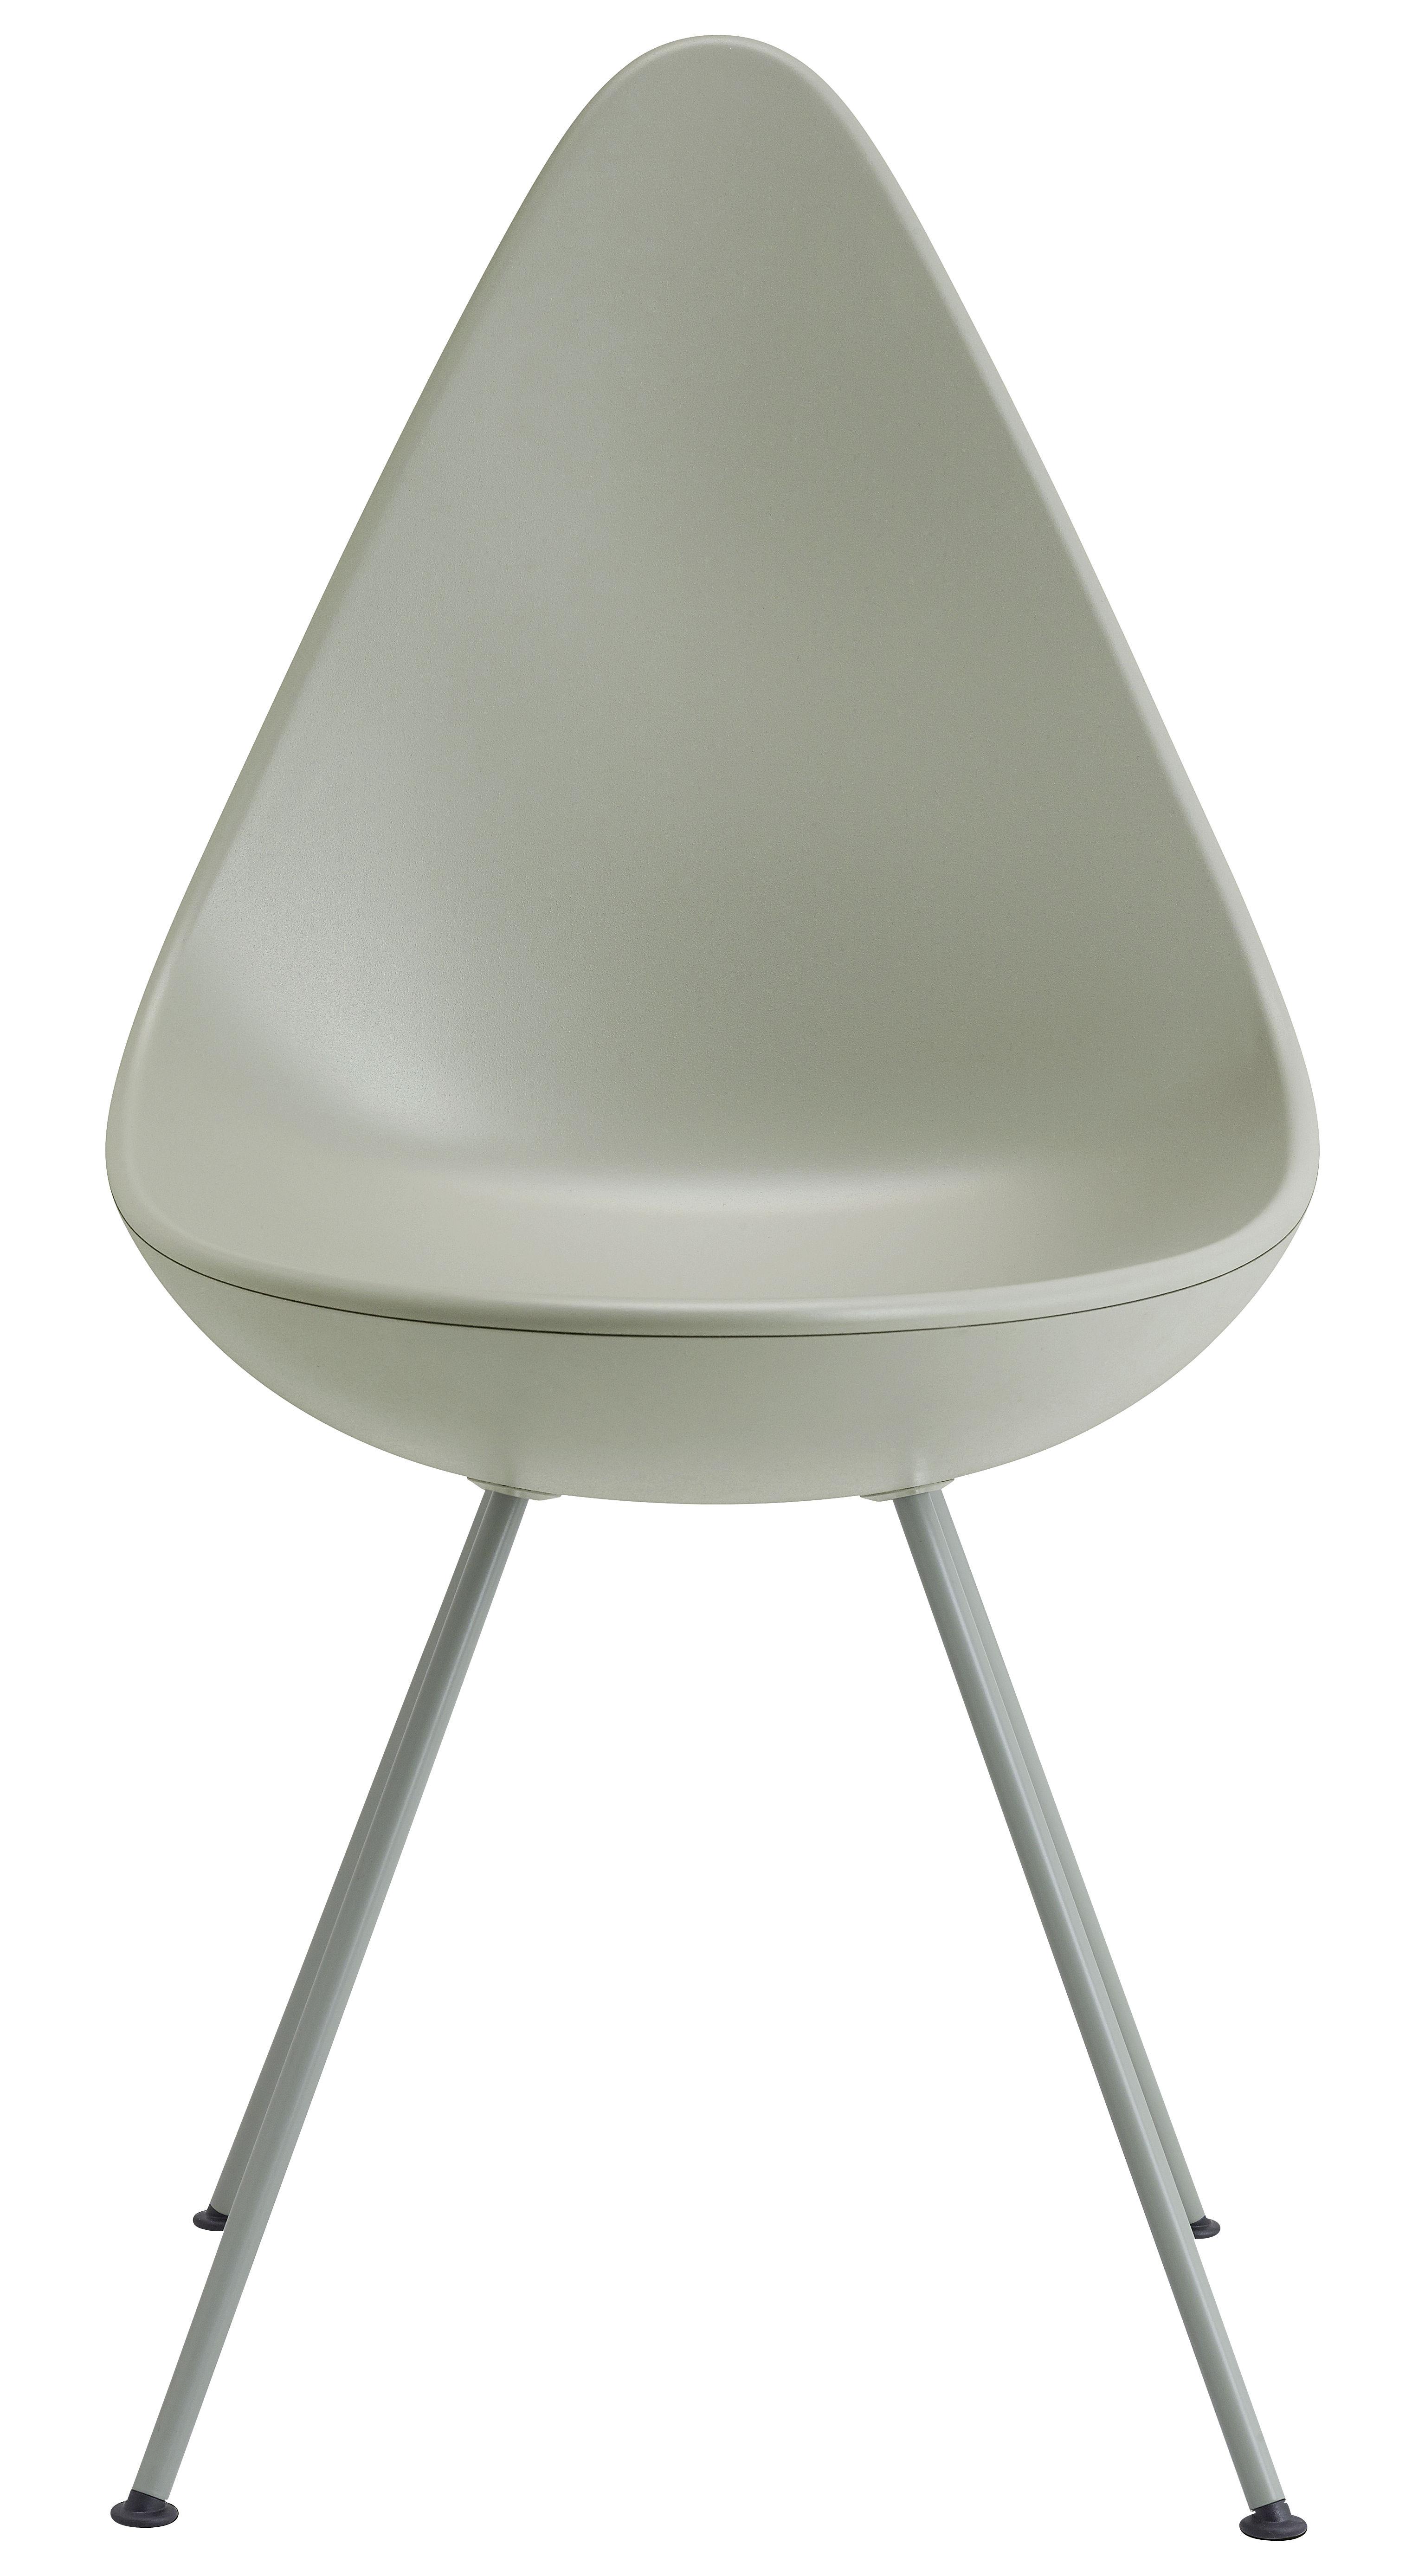 Möbel - Stühle  - Drop Stuhl / Sitzschale aus Kunststoff - Neuauflage des Originals von 1958 - Fritz Hansen - Grau - lackierter Stahl, Nylon, Plastique ABS